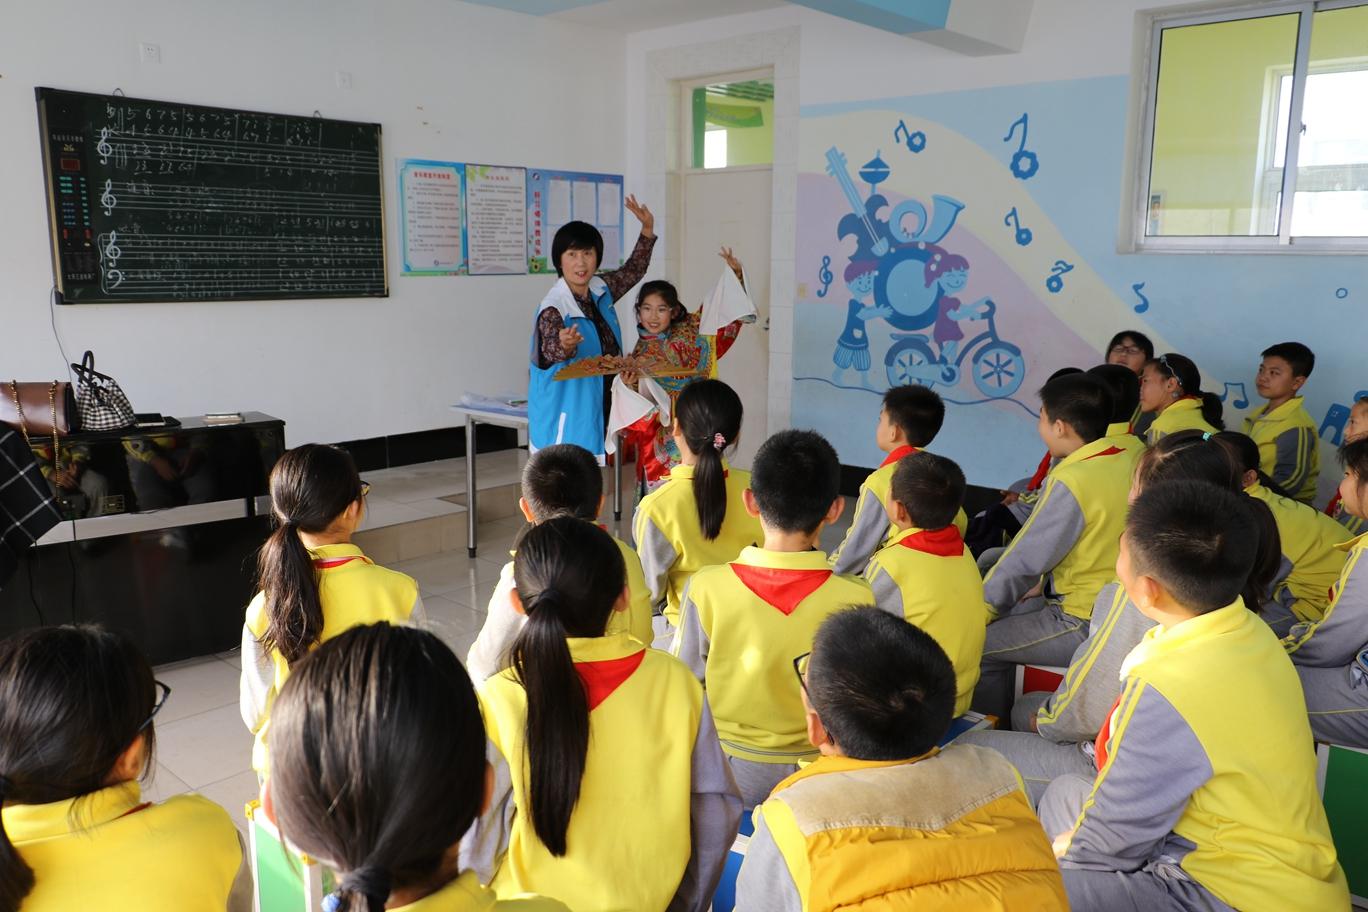 荣成市群众文化活动中心 非遗走进府新小学志愿活动